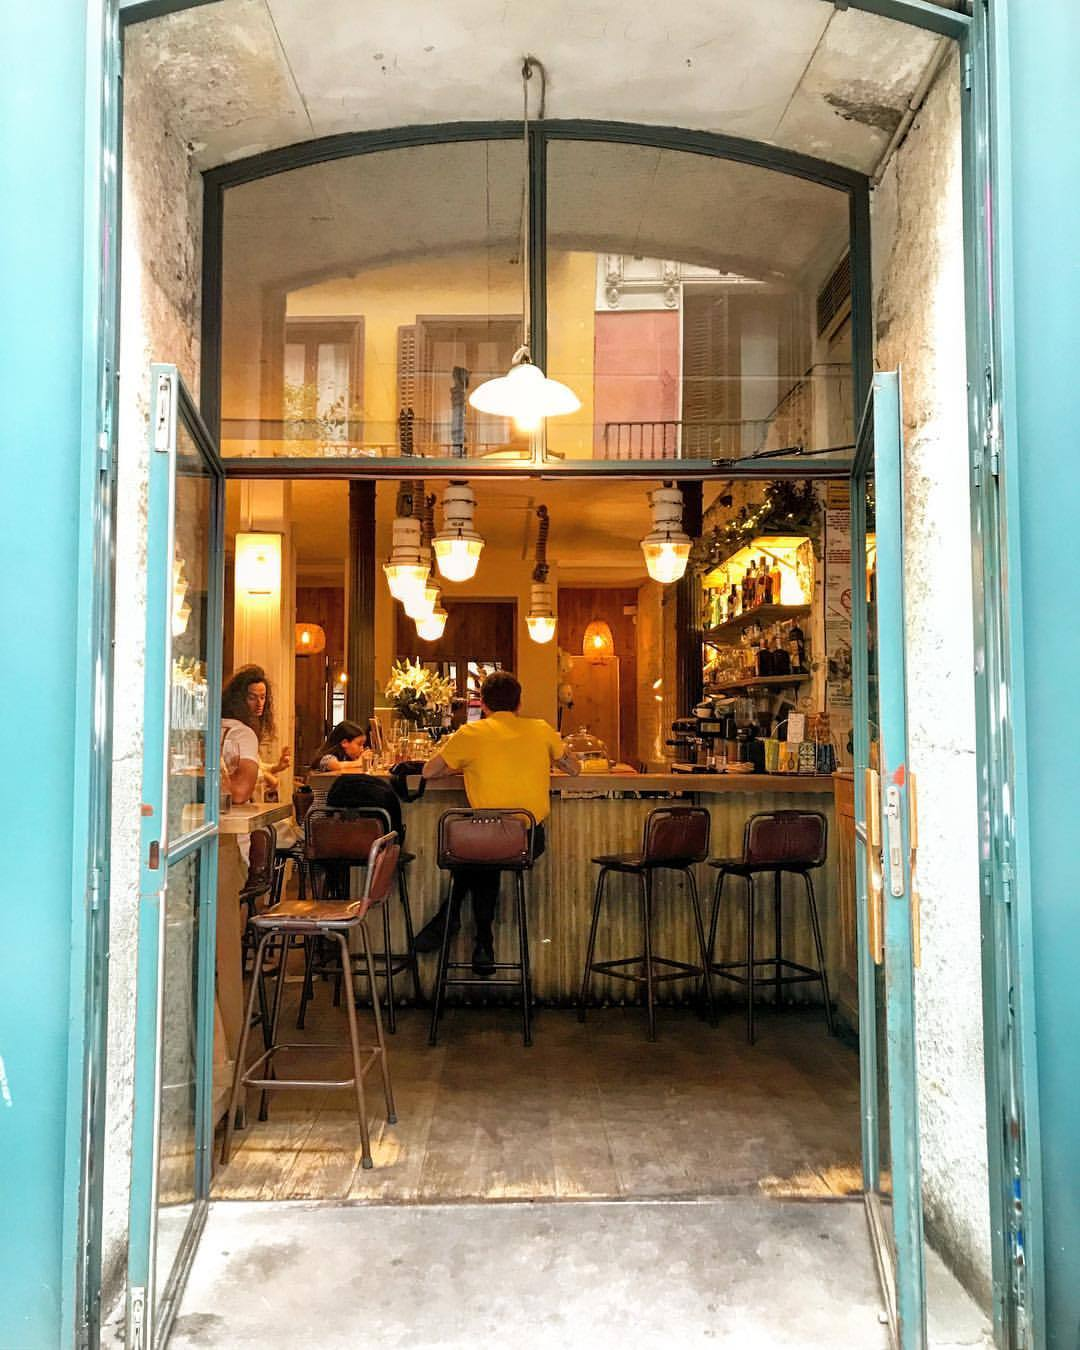 Aperitivo.  -  #spain #madrid #cafelife #design  (at Puerta del Sol Madrid)